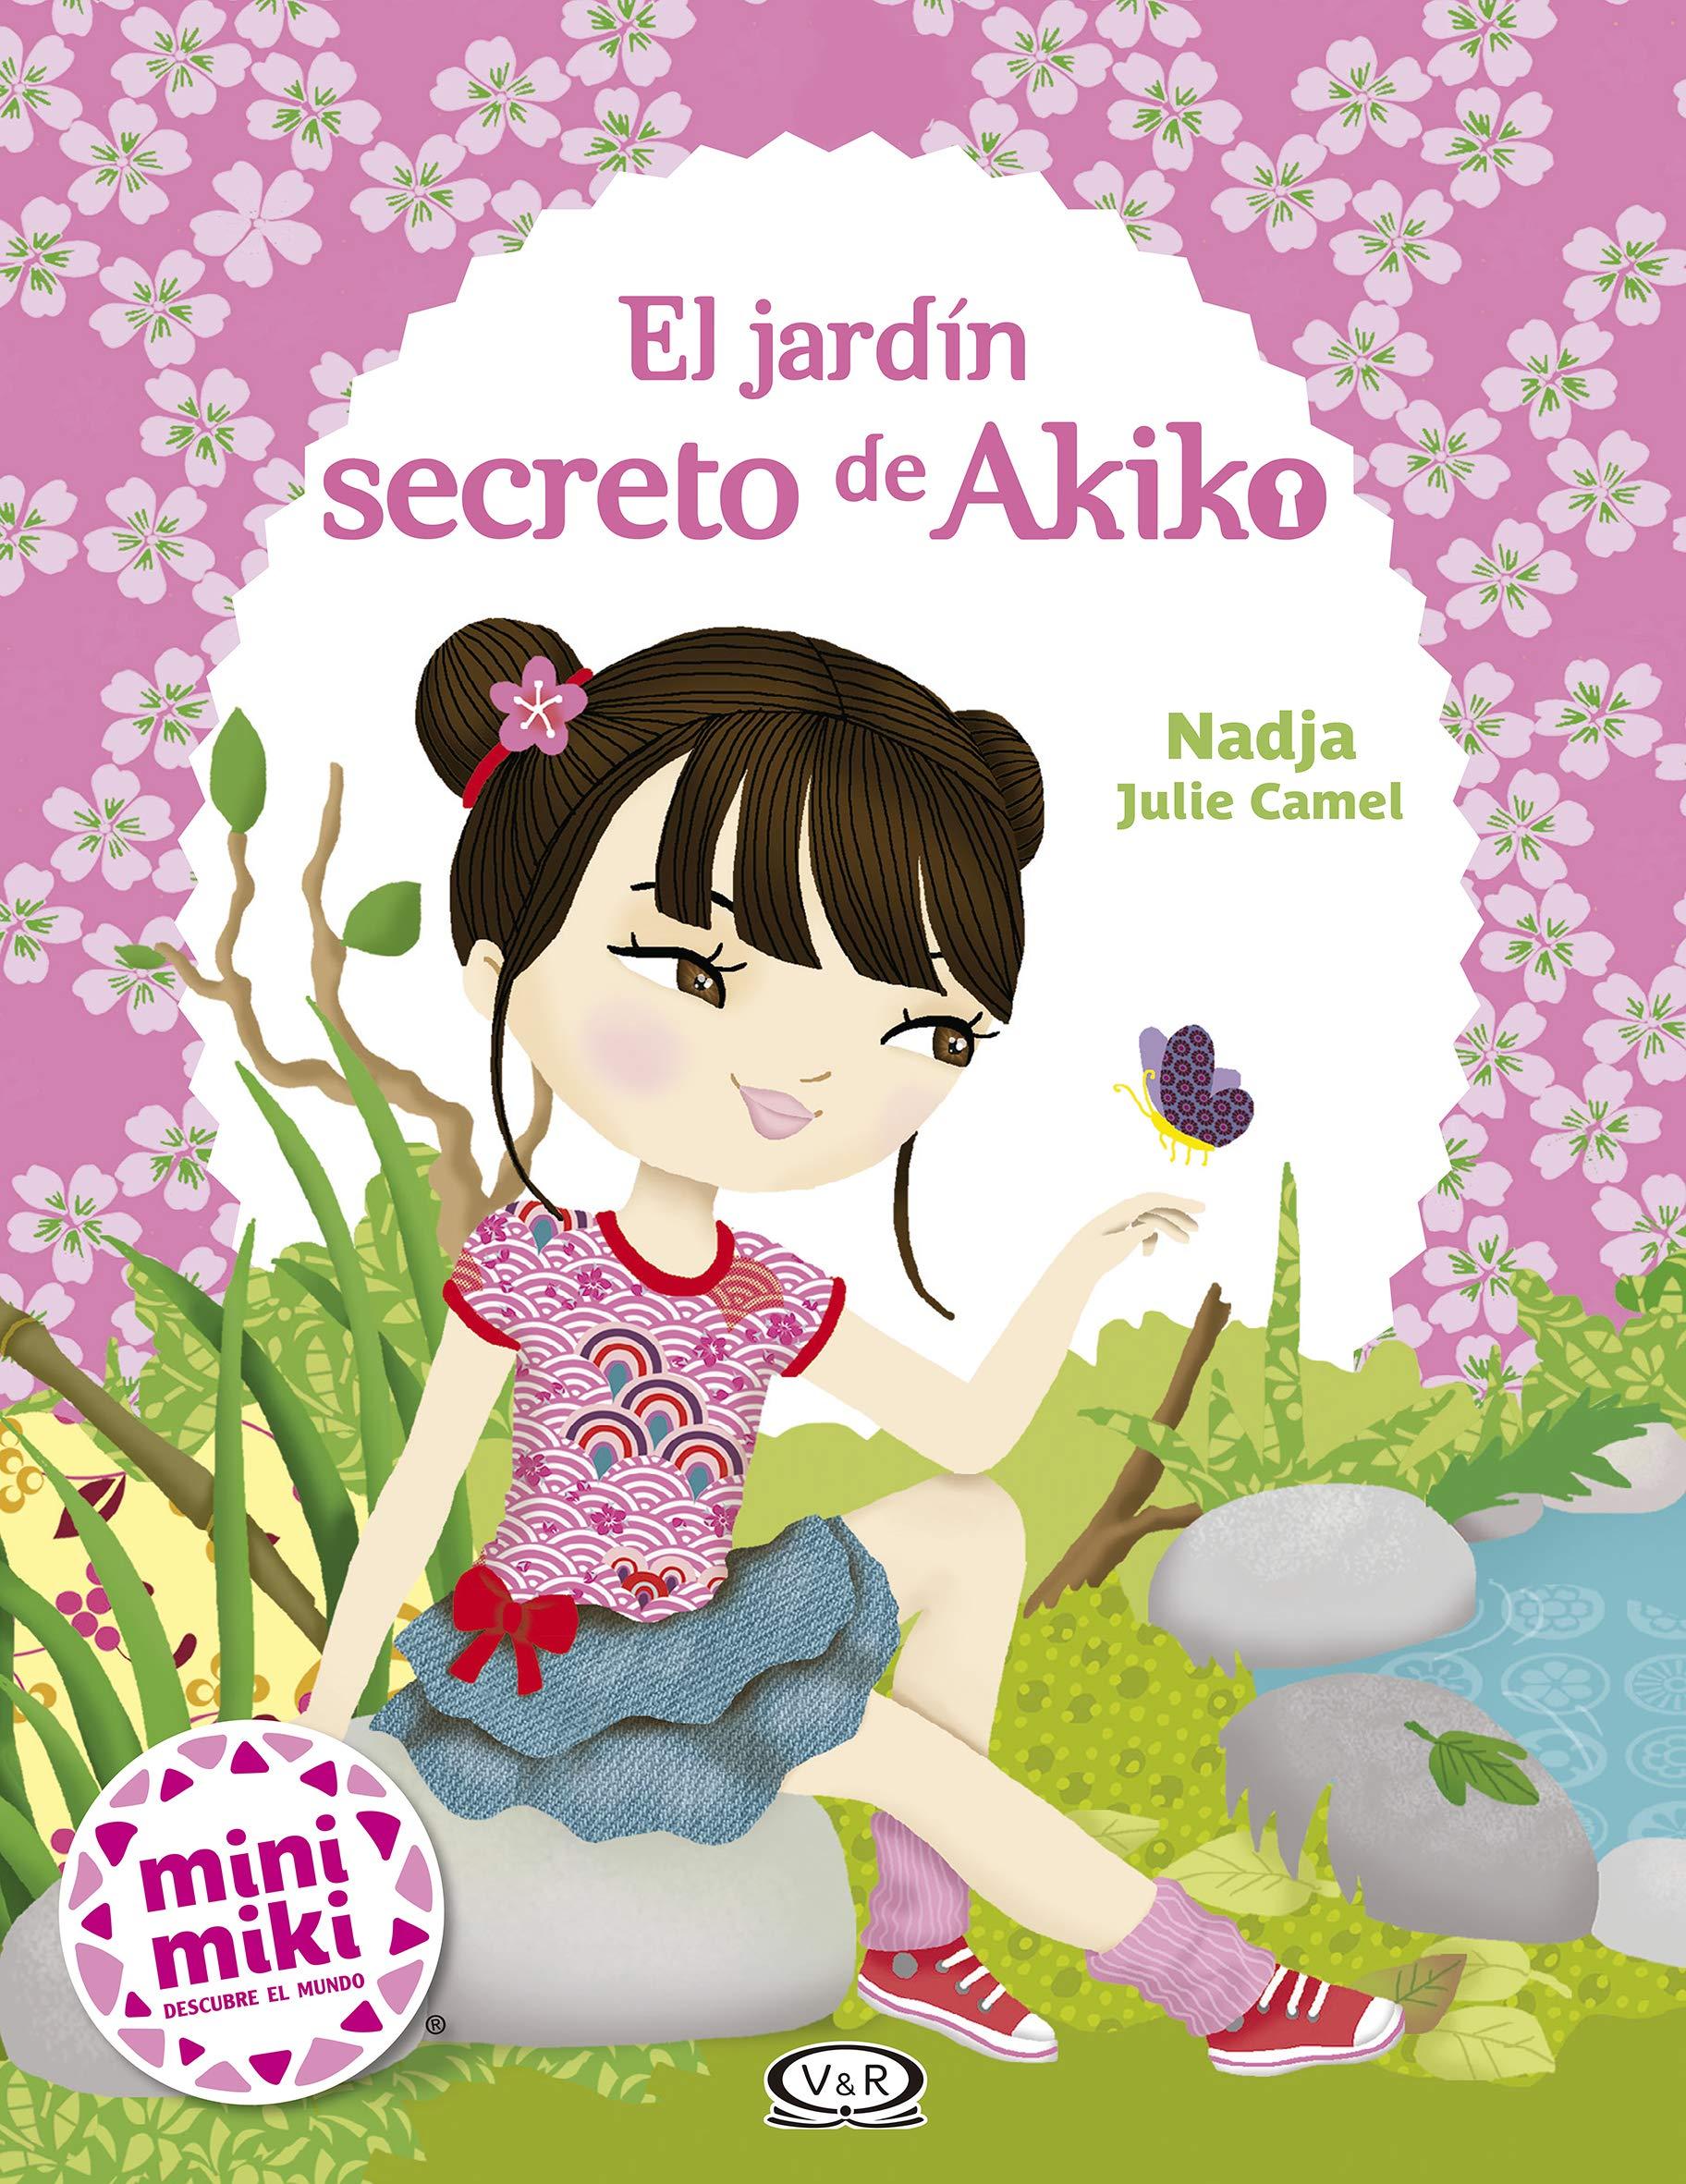 El Jardin Secreto de Akiko: Amazon.es: Nadja: Libros